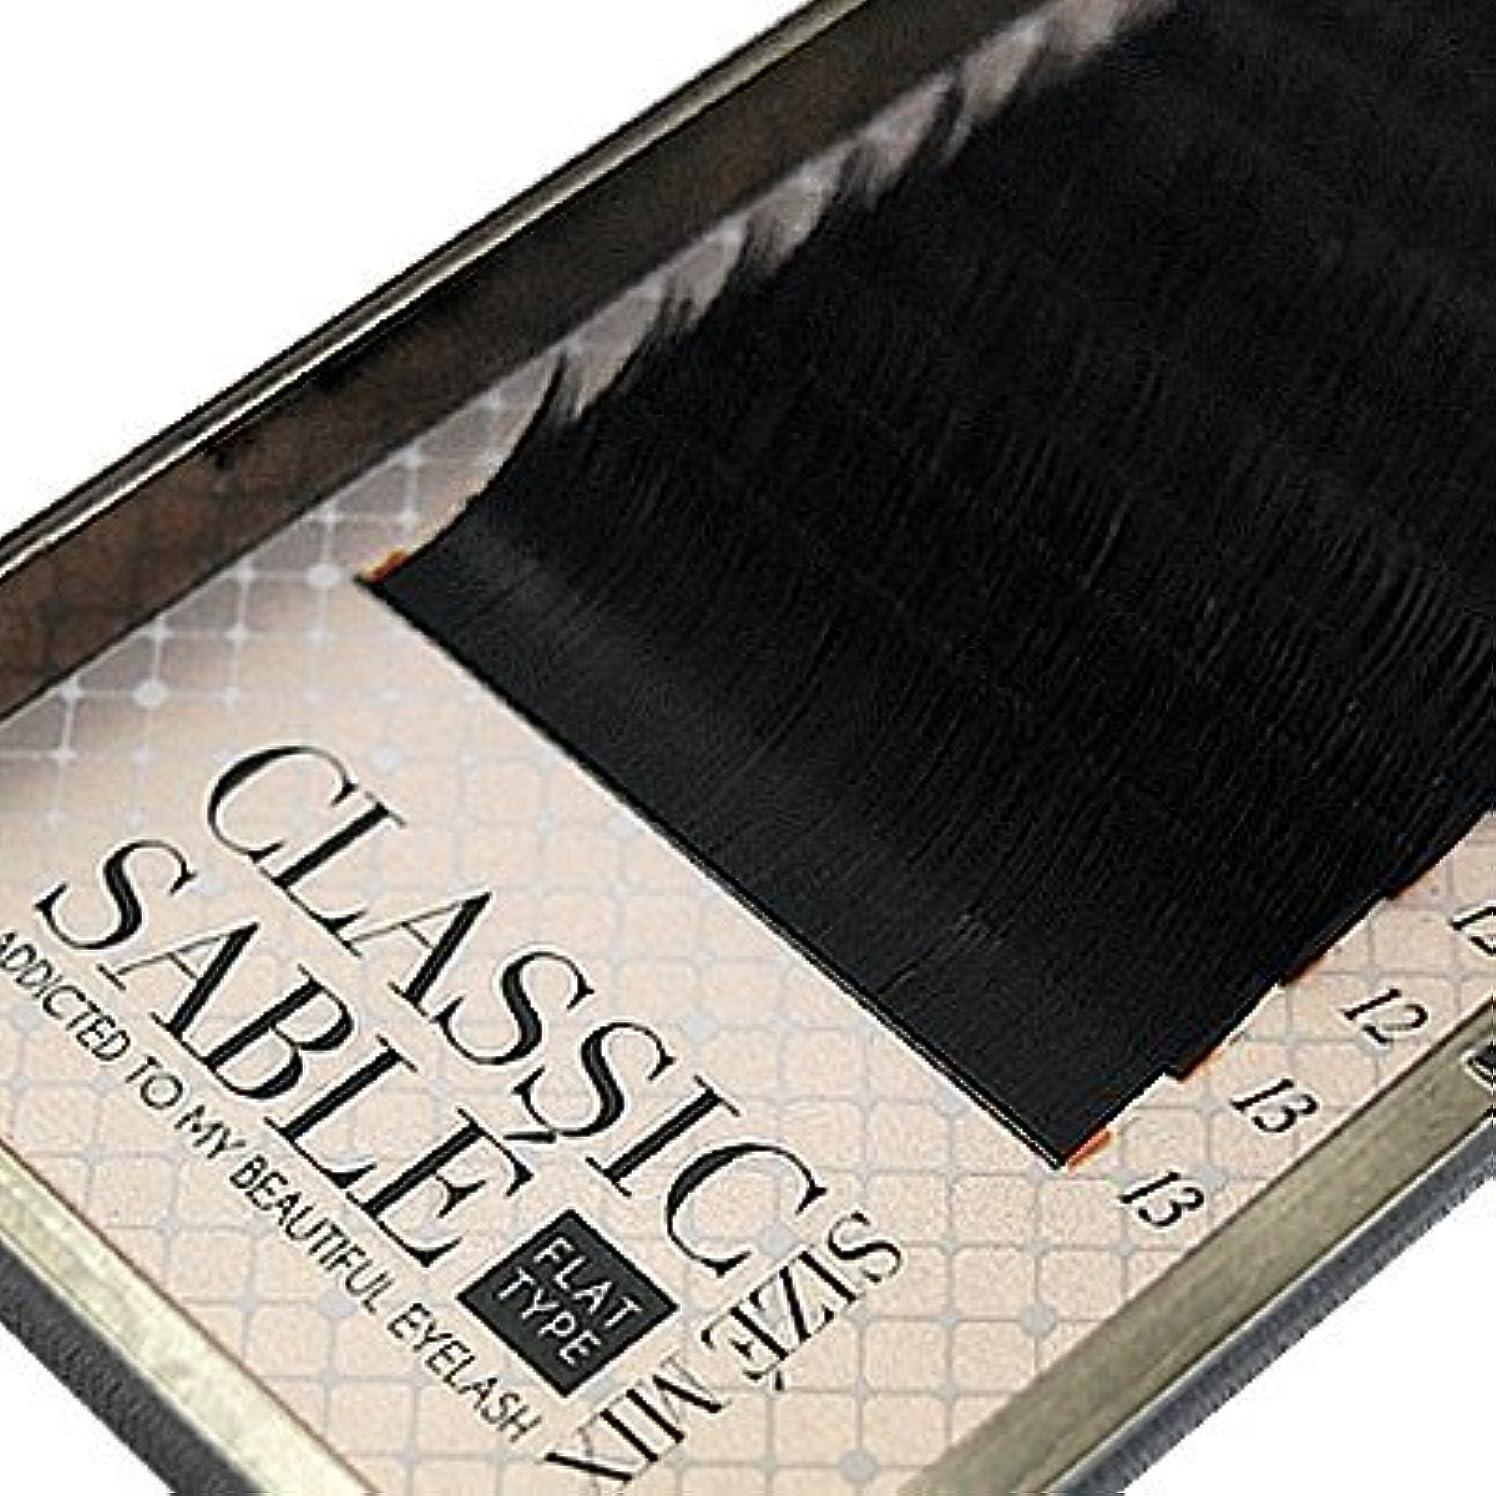 馬鹿げたコート野な【amass Bona】クラシックセーブル フラットタイプ Cカール サイズMIX×0.15mm